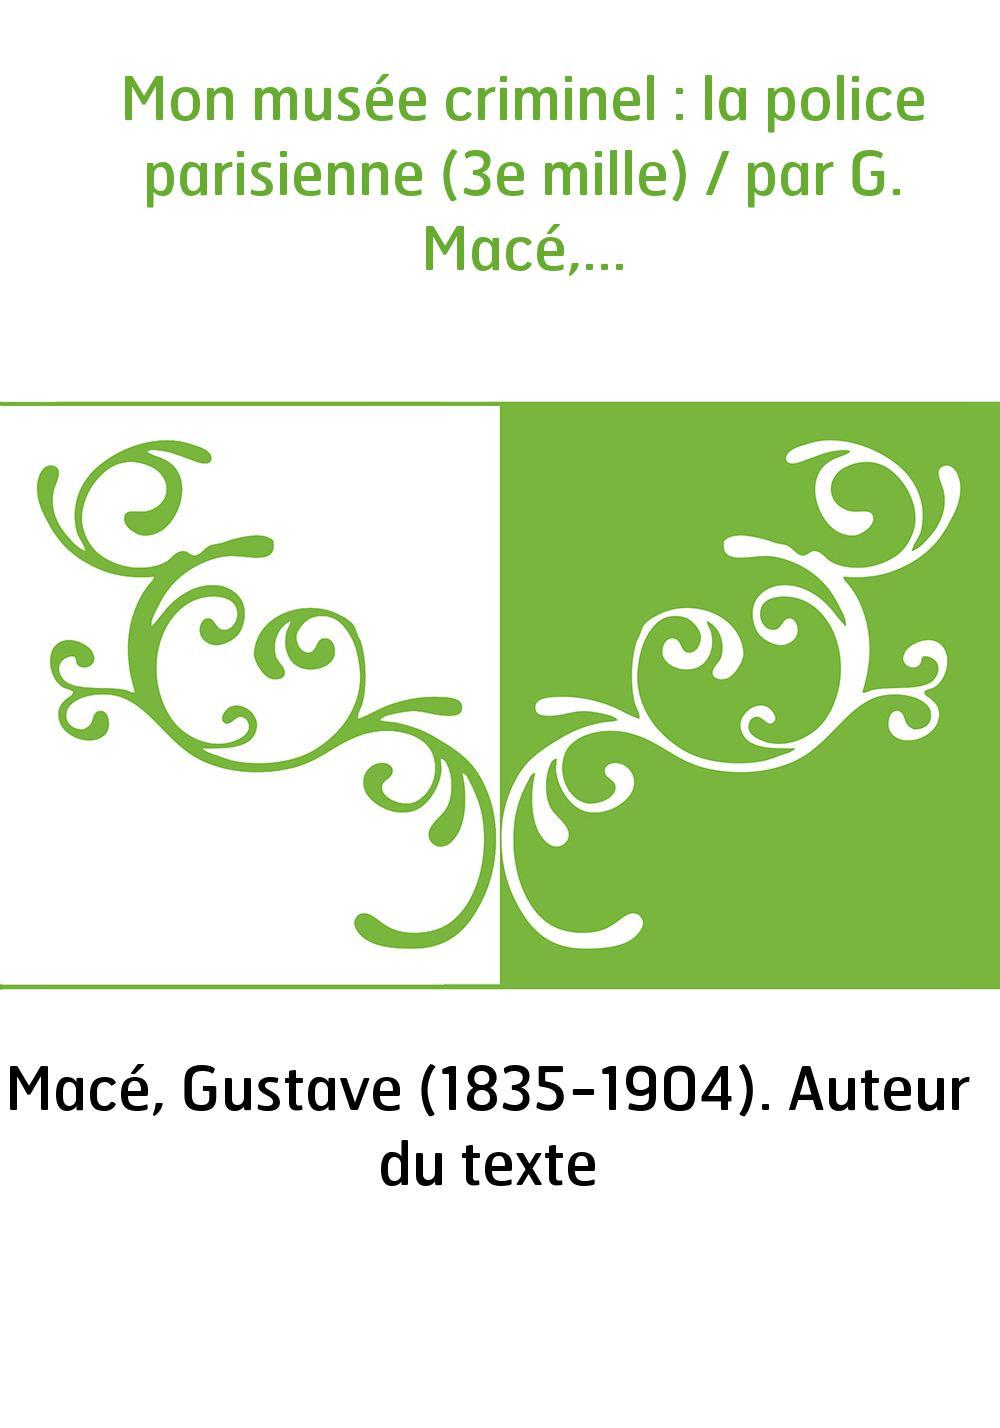 Mon musée criminel : la police parisienne (3e mille) / par G. Macé,...